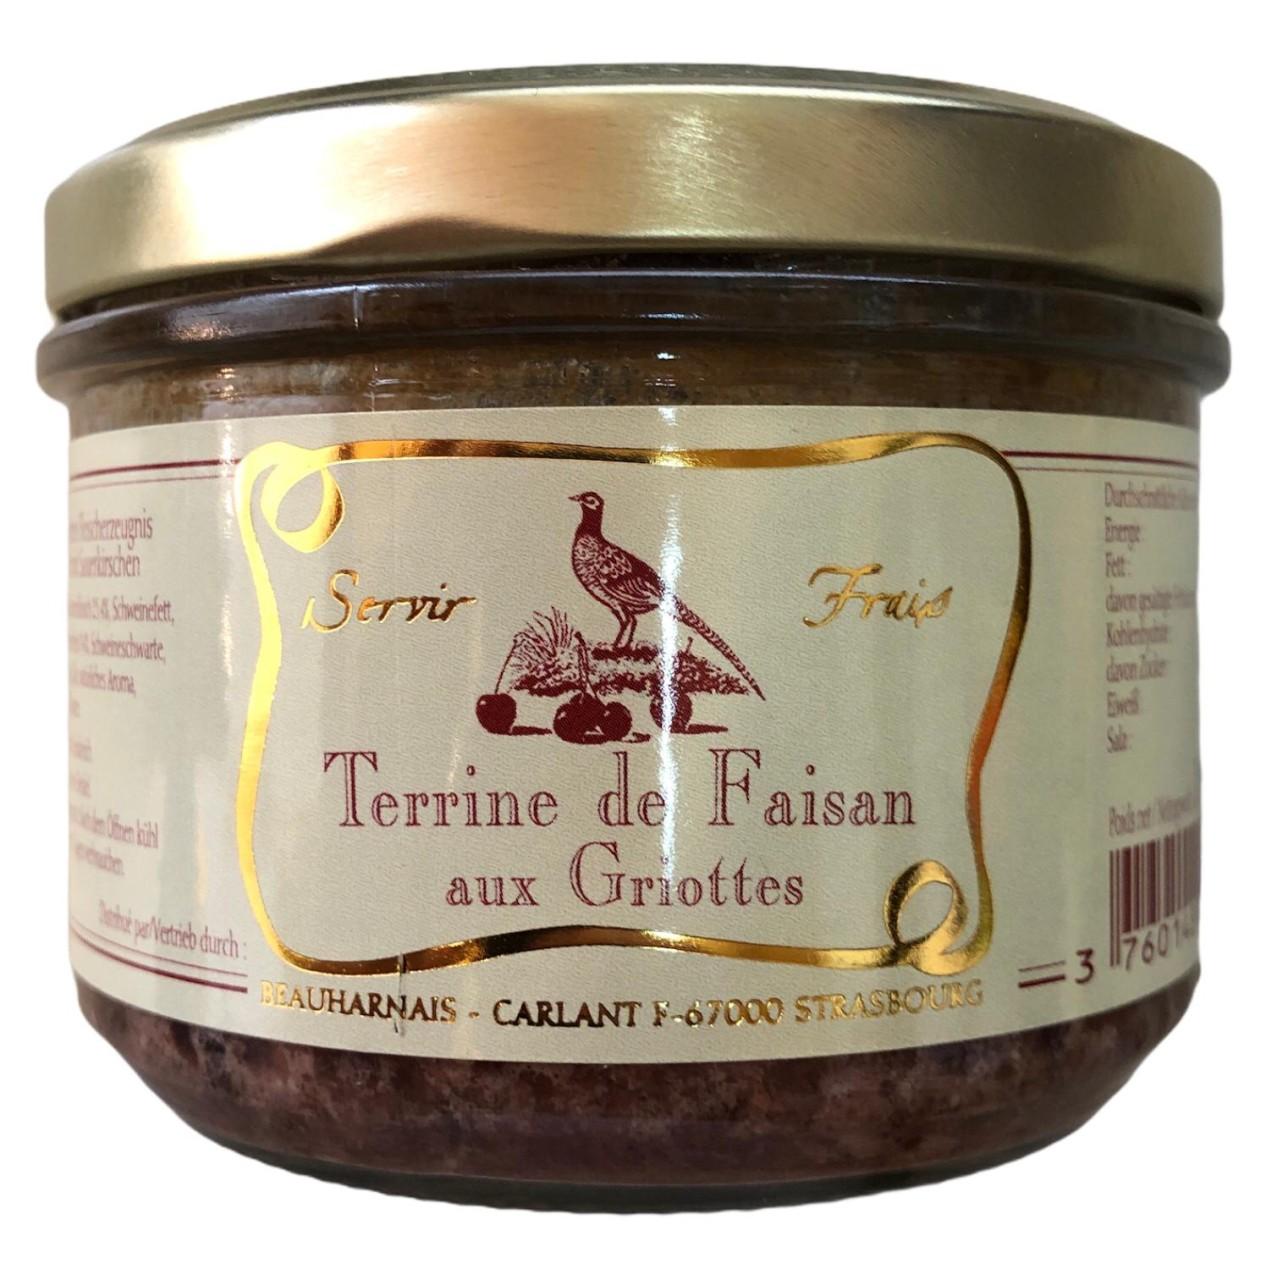 Servir Frais Terrine de Faisan aux Griottes (Fasanenfleisch mit Sauerkirschen) 180g